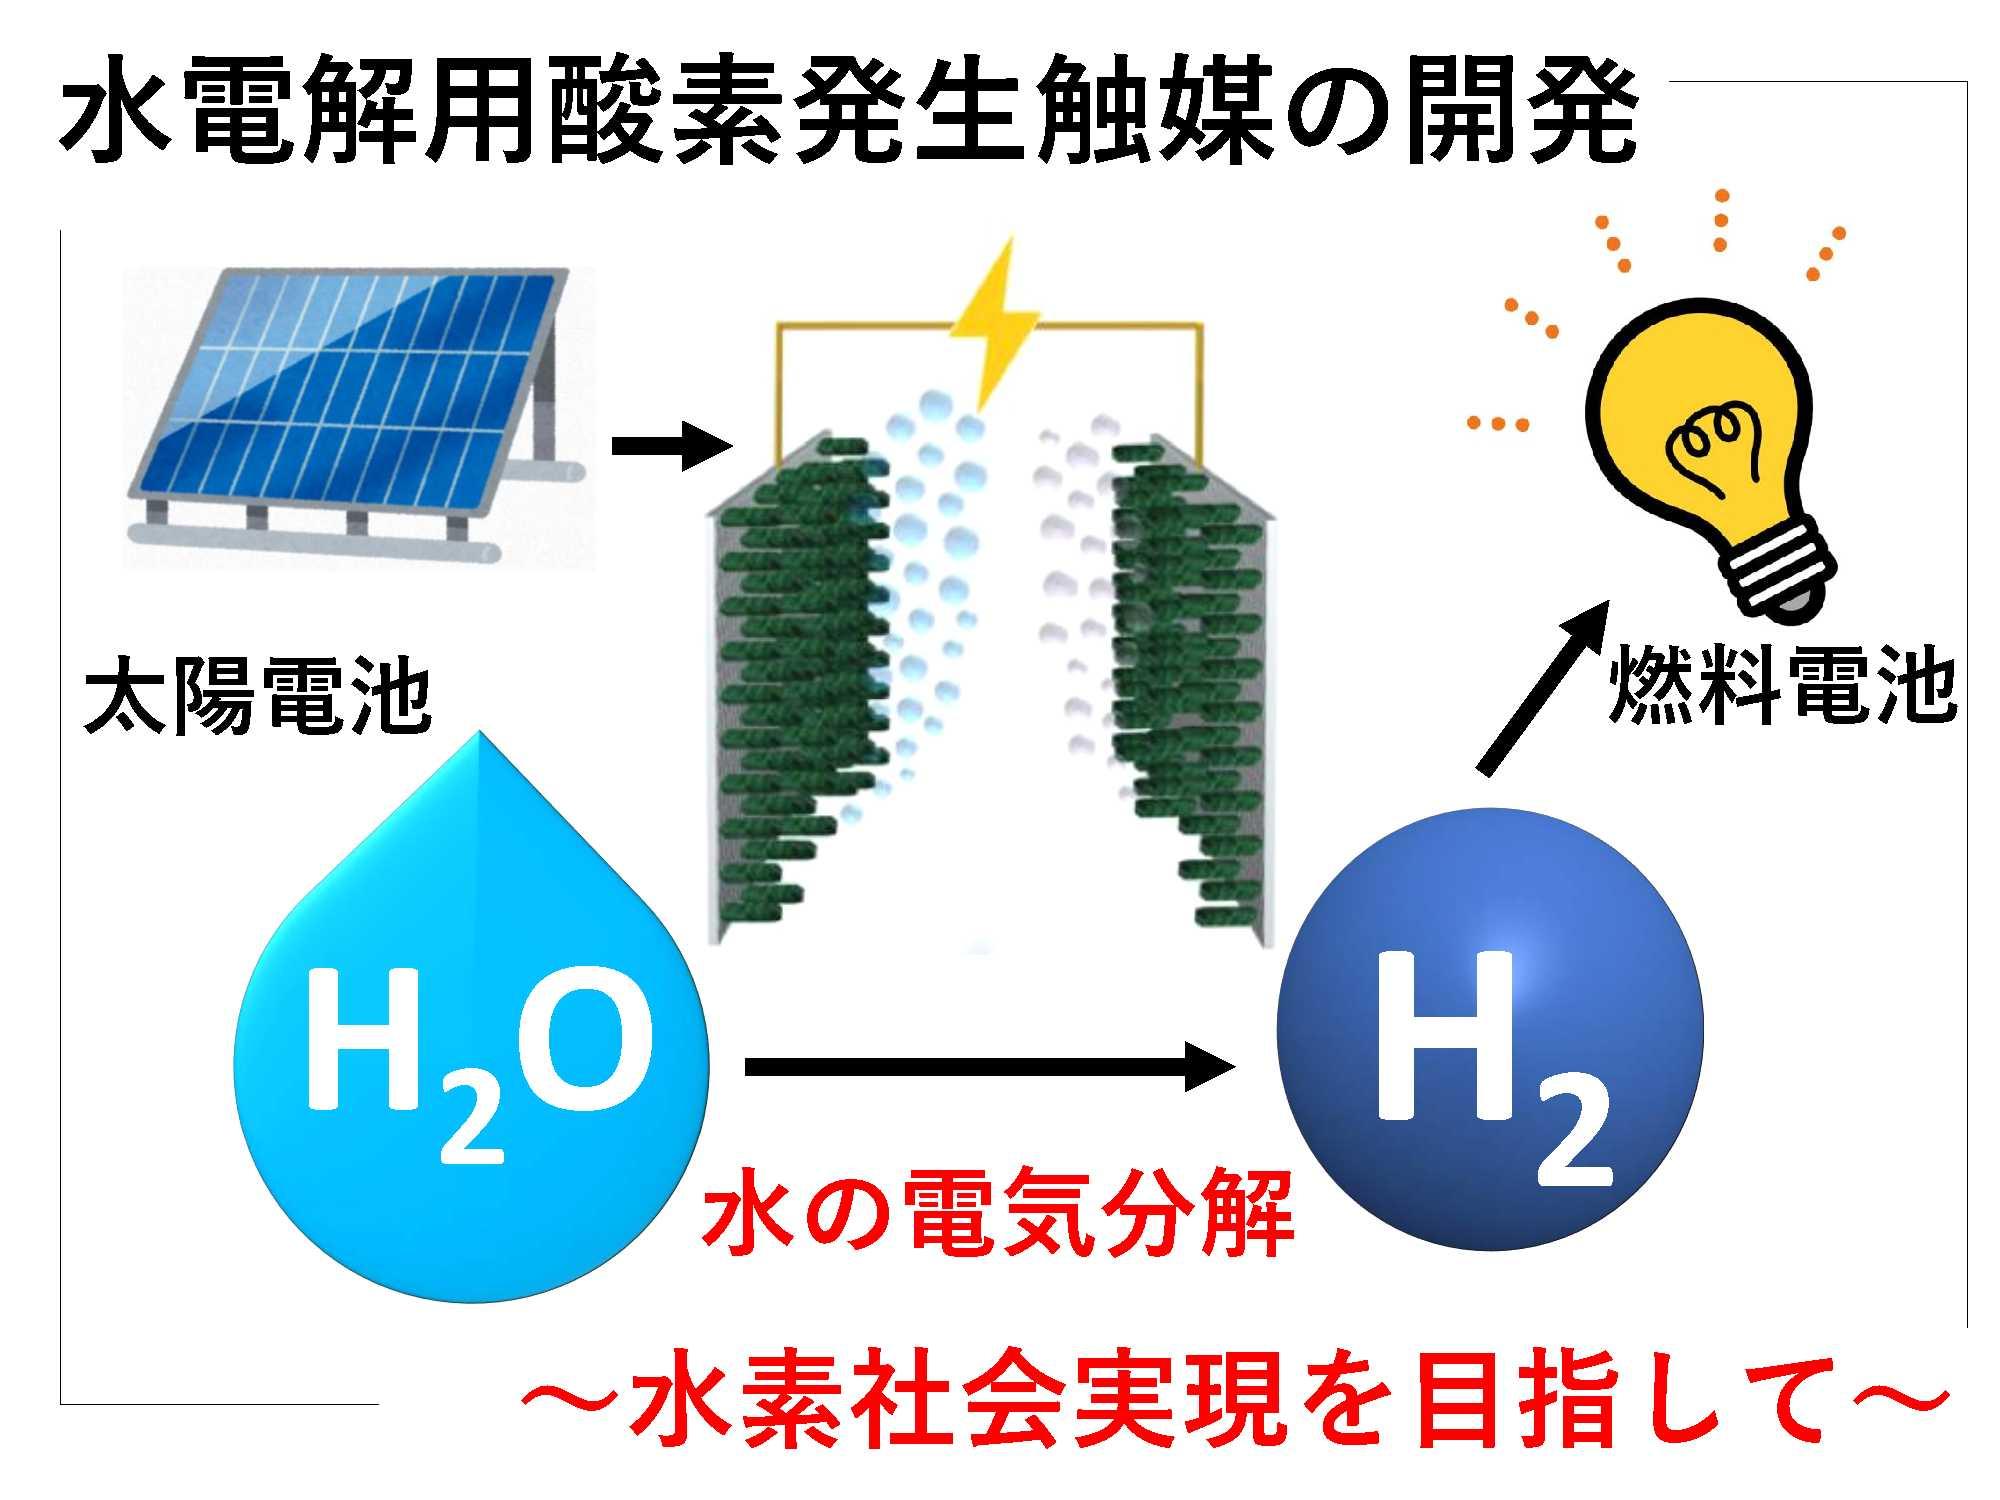 24. 水電解用酸素発生触媒の開発 ~水素社会実現を目指して~